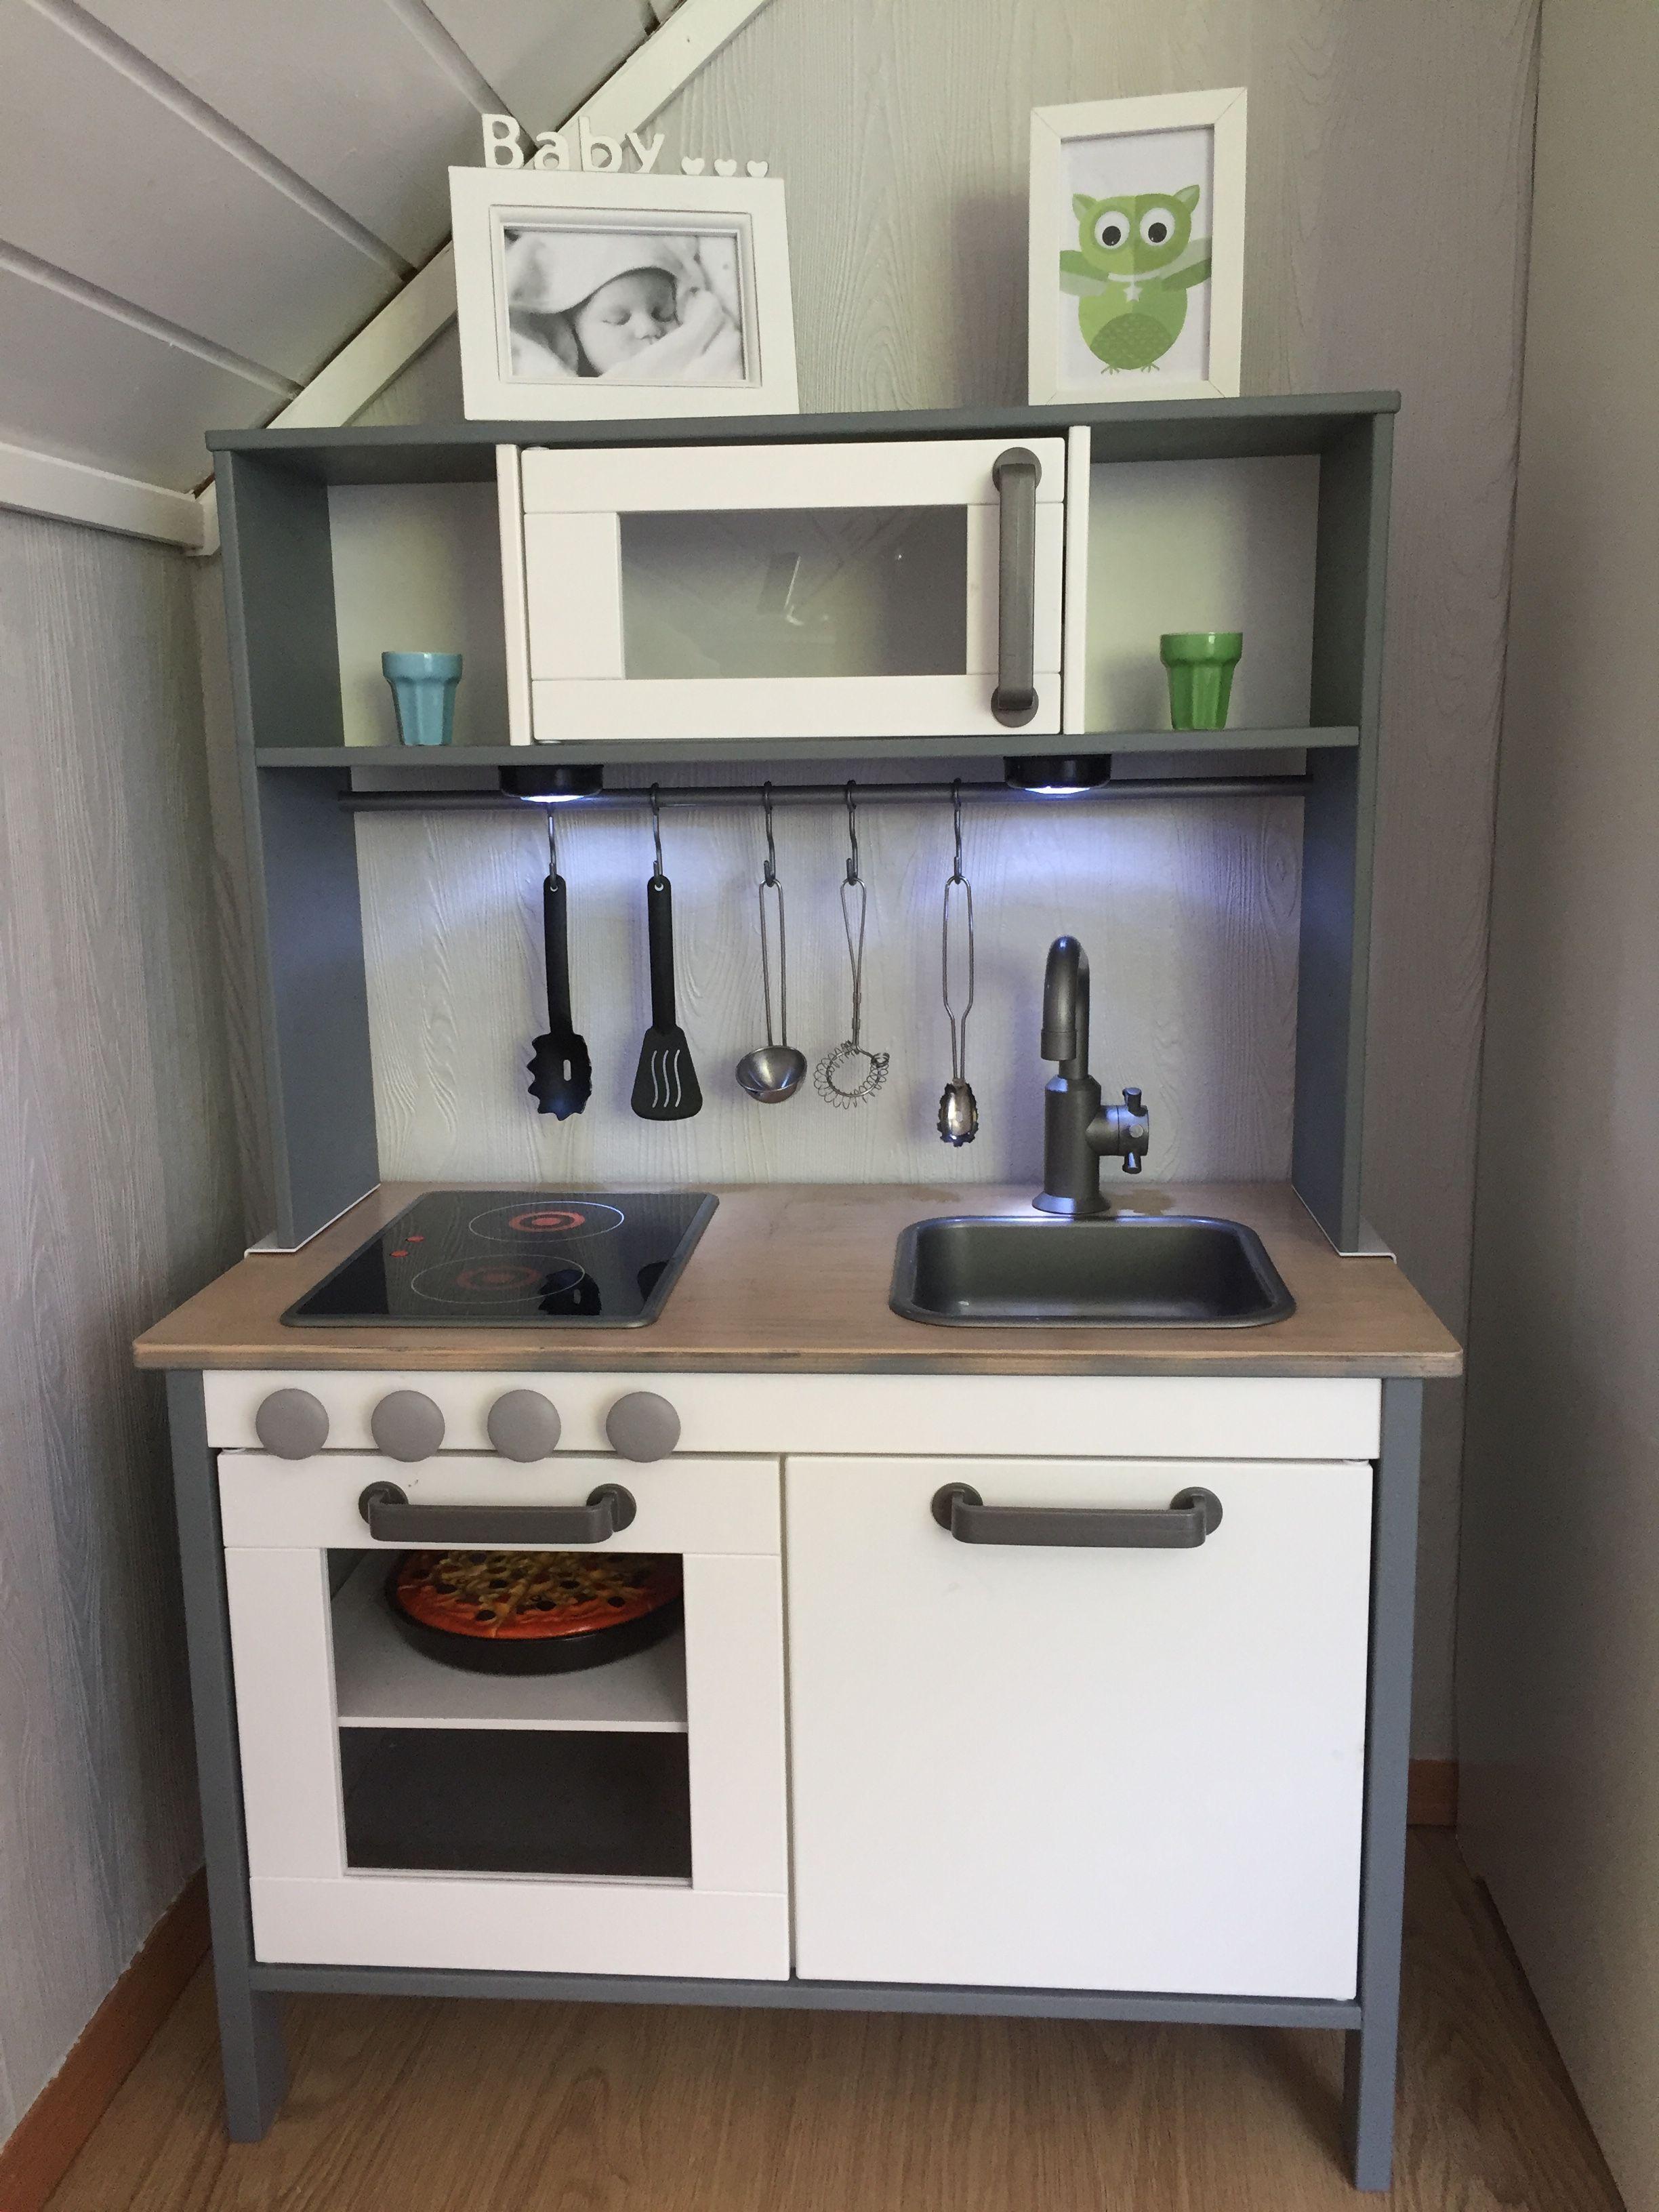 ikea duktig hack kids kitchen spraypainted grey k i d s r o o m ikea kinderk che ikea k che. Black Bedroom Furniture Sets. Home Design Ideas